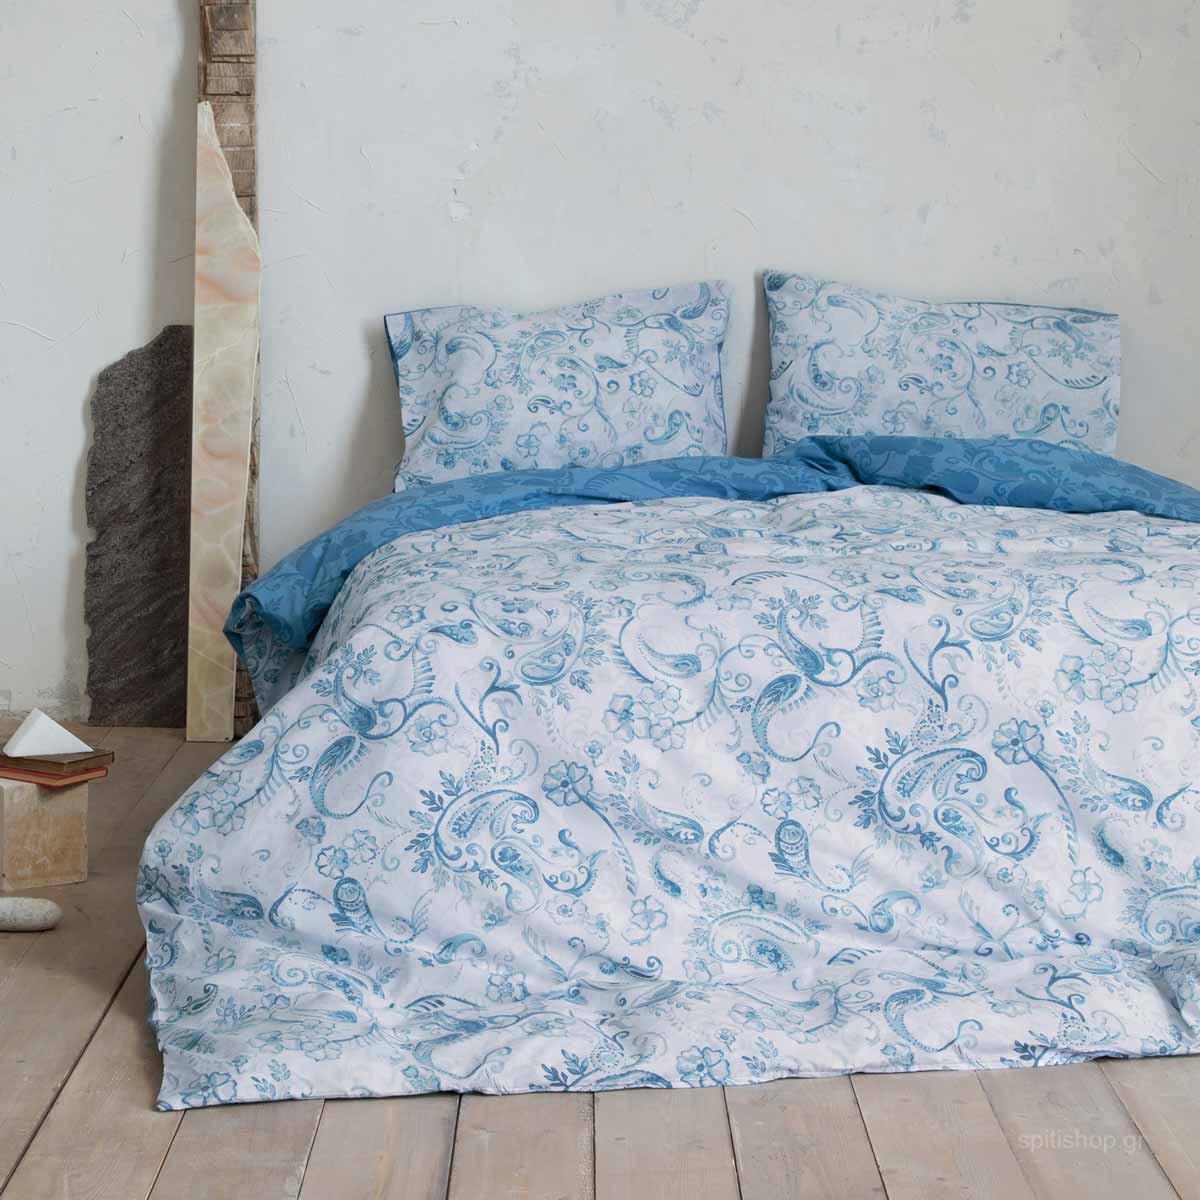 Σεντόνια Μονά (Σετ) Nima Bed Linen Roussia Blue ΧΩΡΙΣ ΛΑΣΤΙΧΟ 170×260 ΧΩΡΙΣ ΛΑΣΤΙΧΟ 170×260